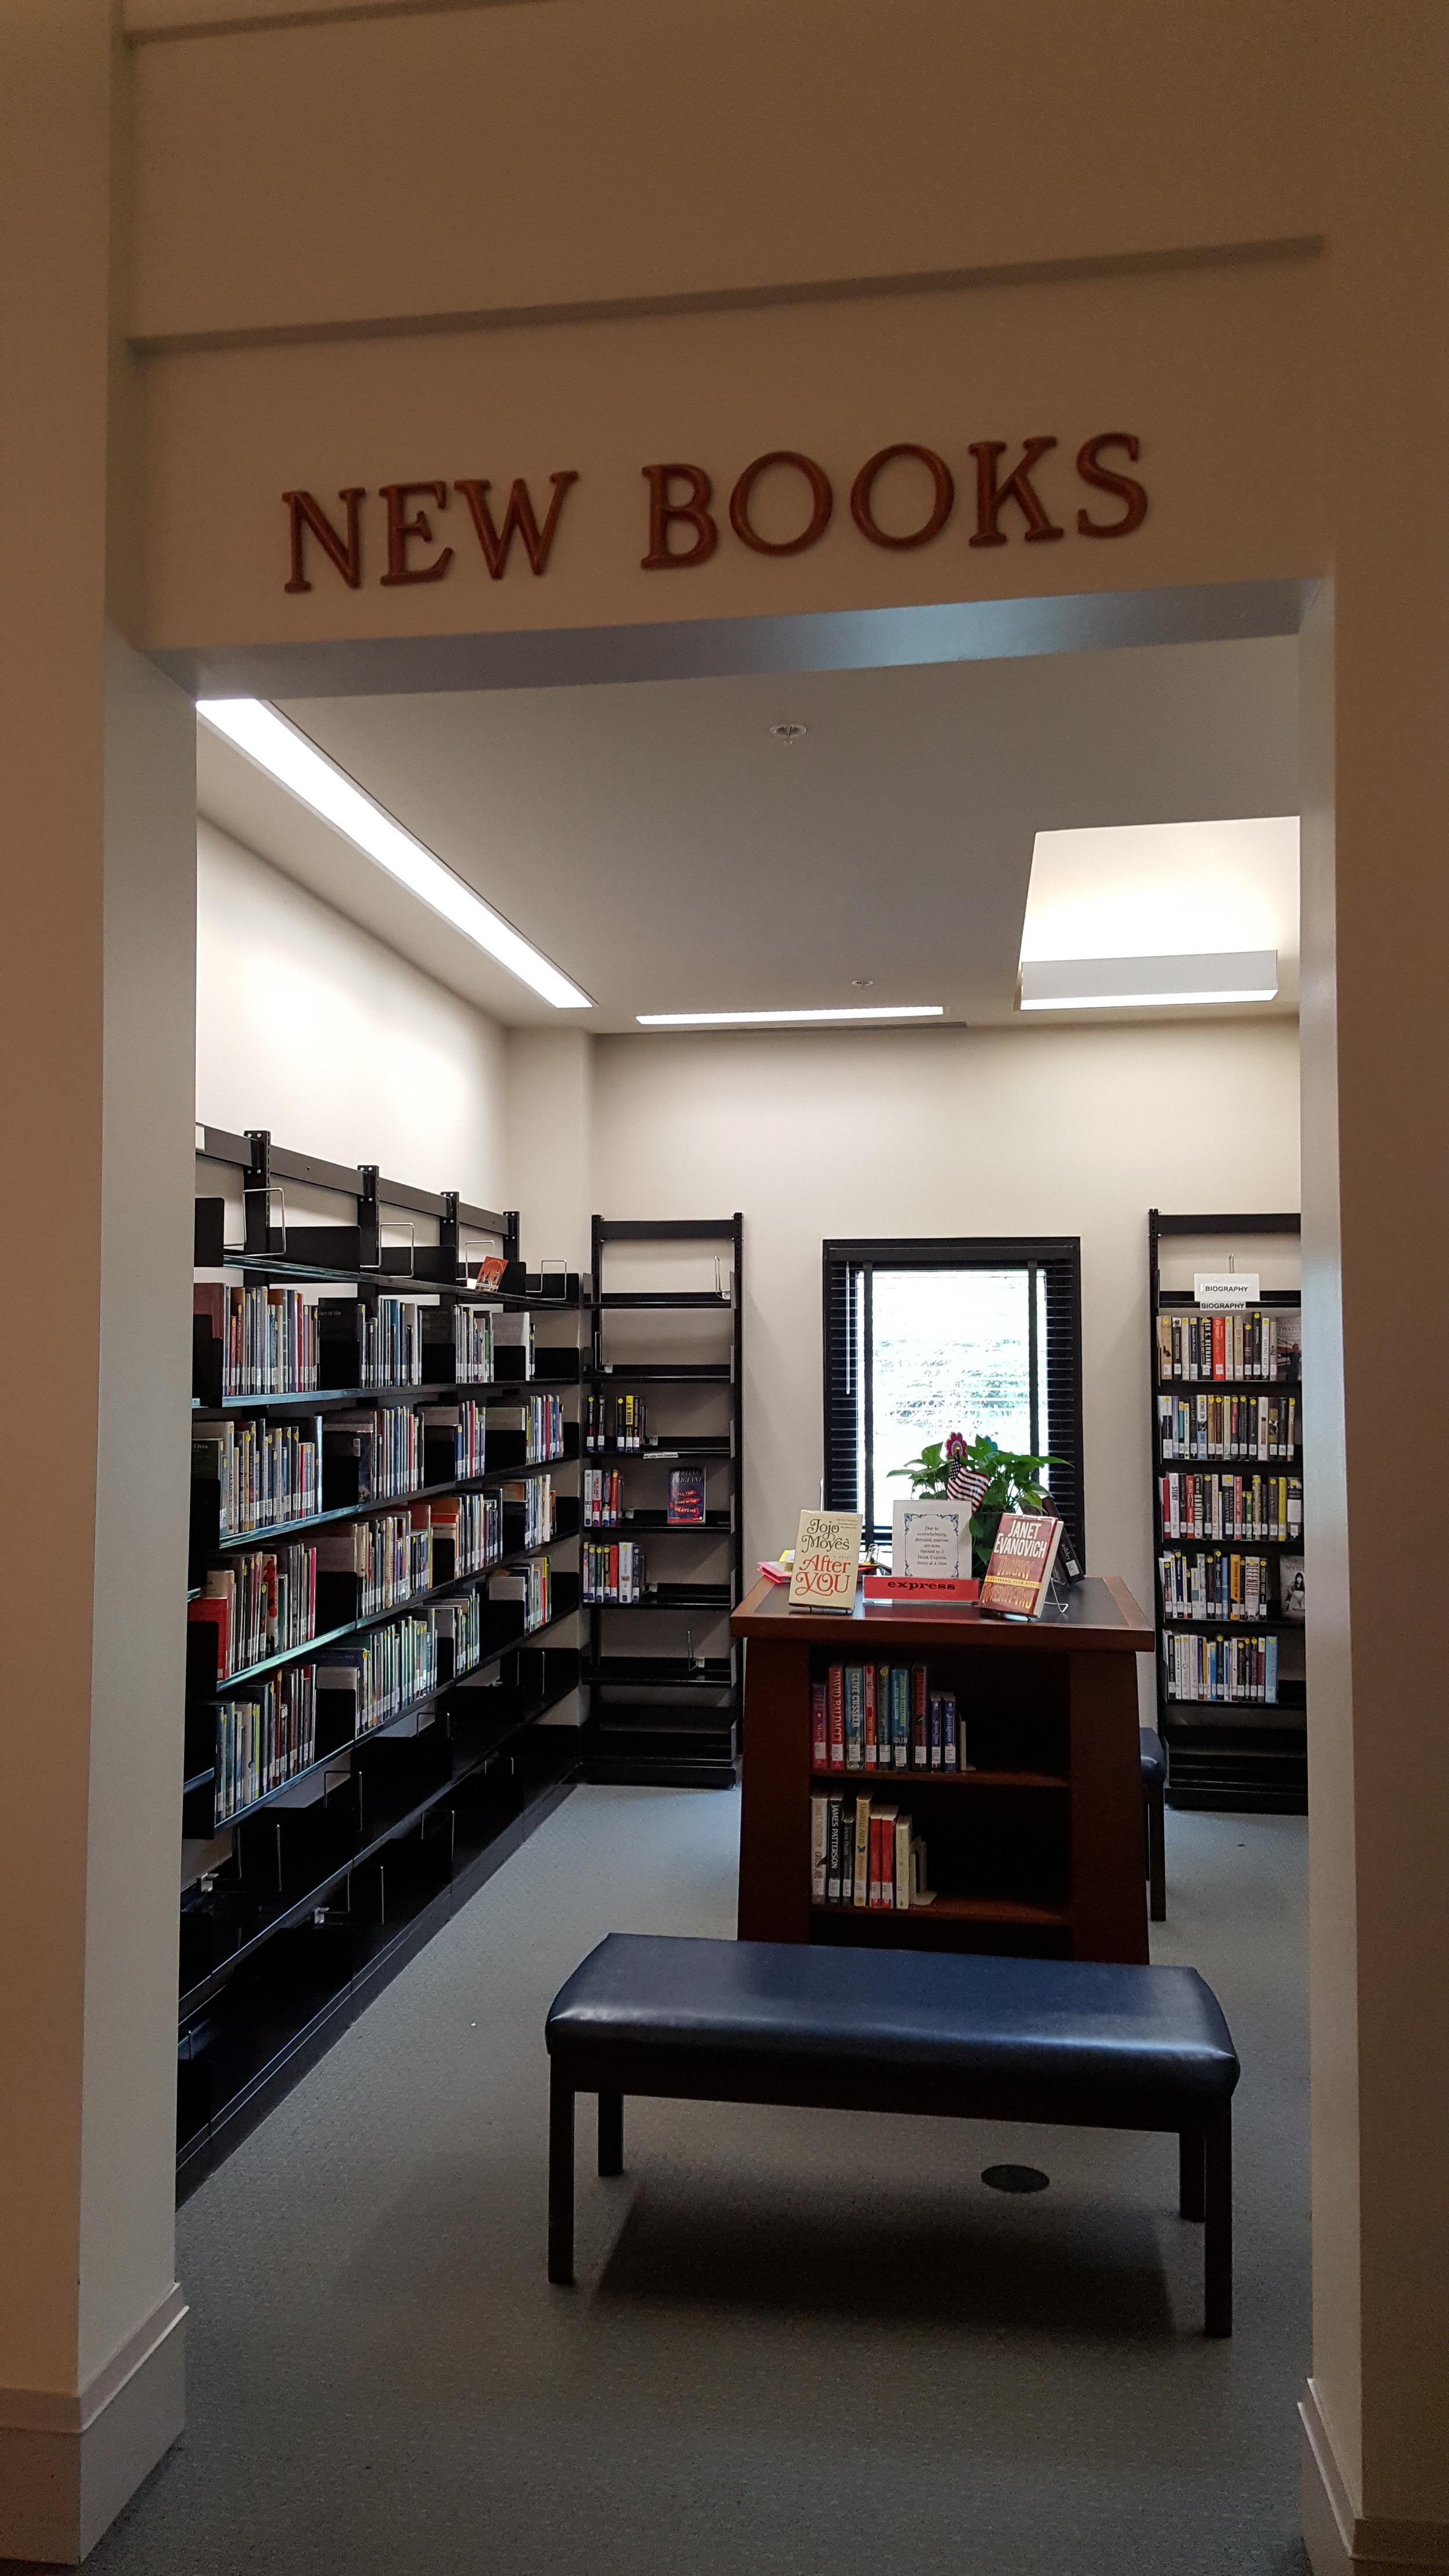 newbookroom.jpg